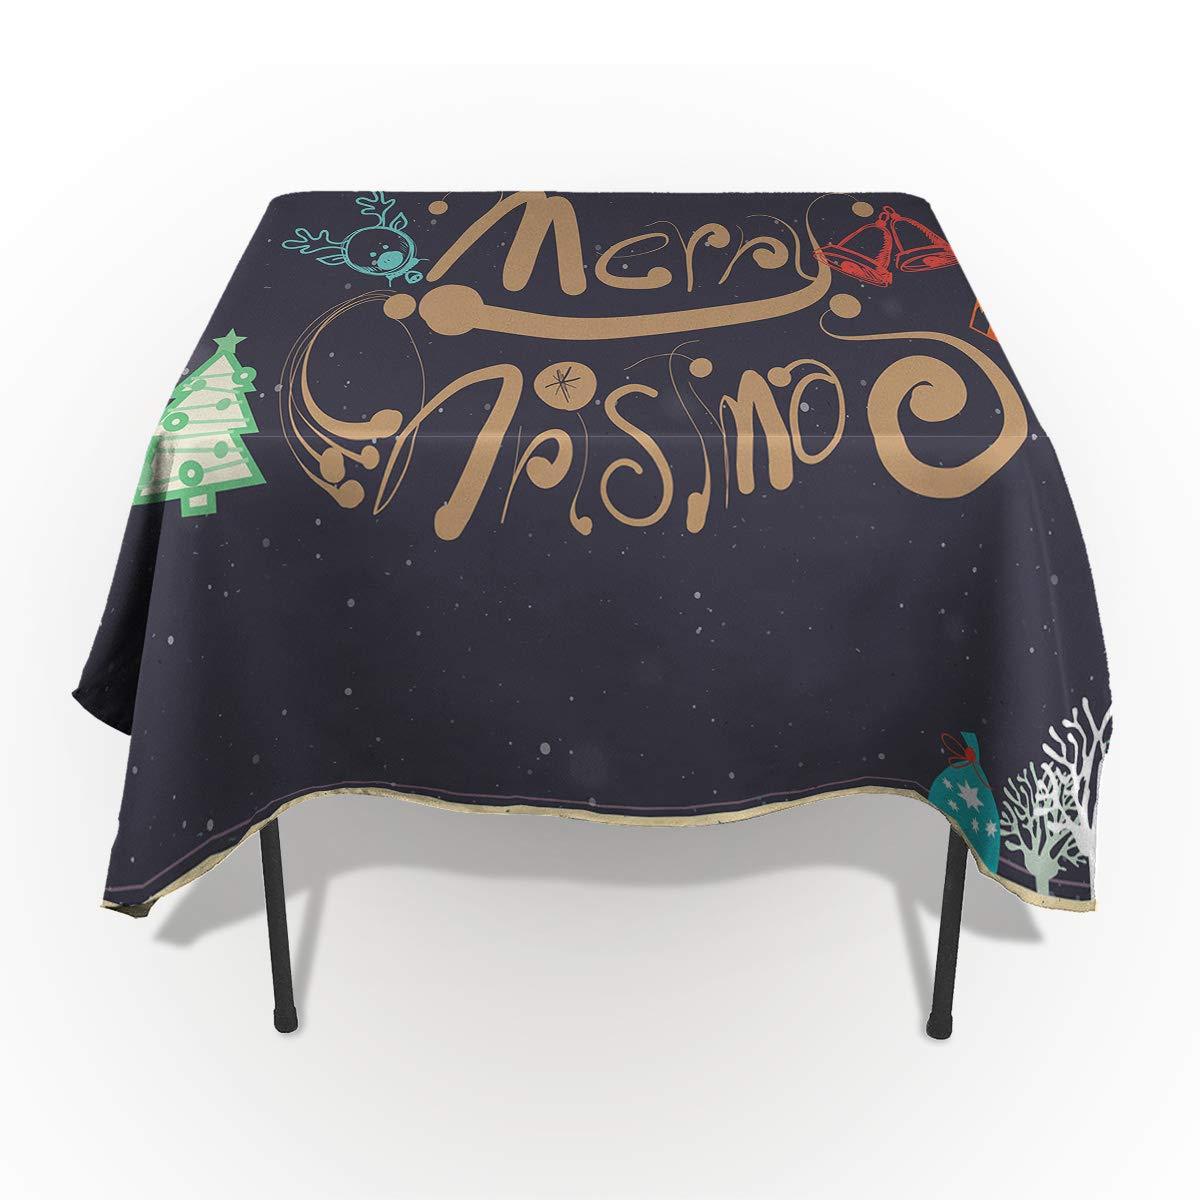 Fantasy Star 長方形ポリエステルテーブルクロス カラフルなメリークリスマスソックステーブルクロス 洗濯機洗い可能 テーブルカバー キッチン ダイニング 宴会 パーティー 53